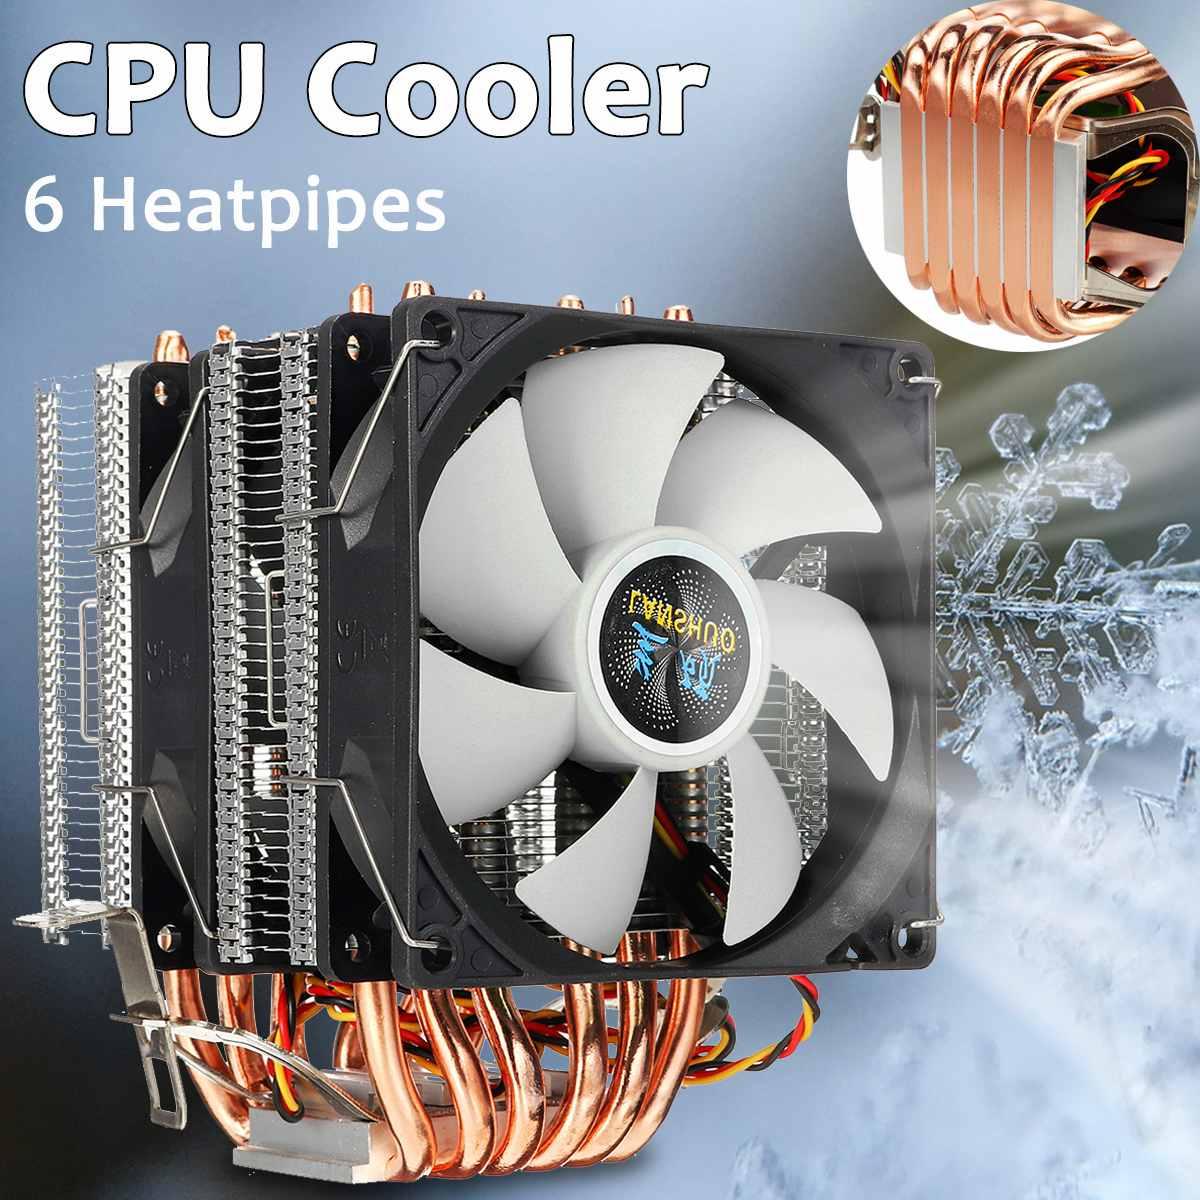 6 tubos de calor cpu cooler duplo-side ventilador refrigerador silencioso ventilador de refrigeração dissipador de calor radiador para lga 1150/1151/1155/1156/1366/775 para amd